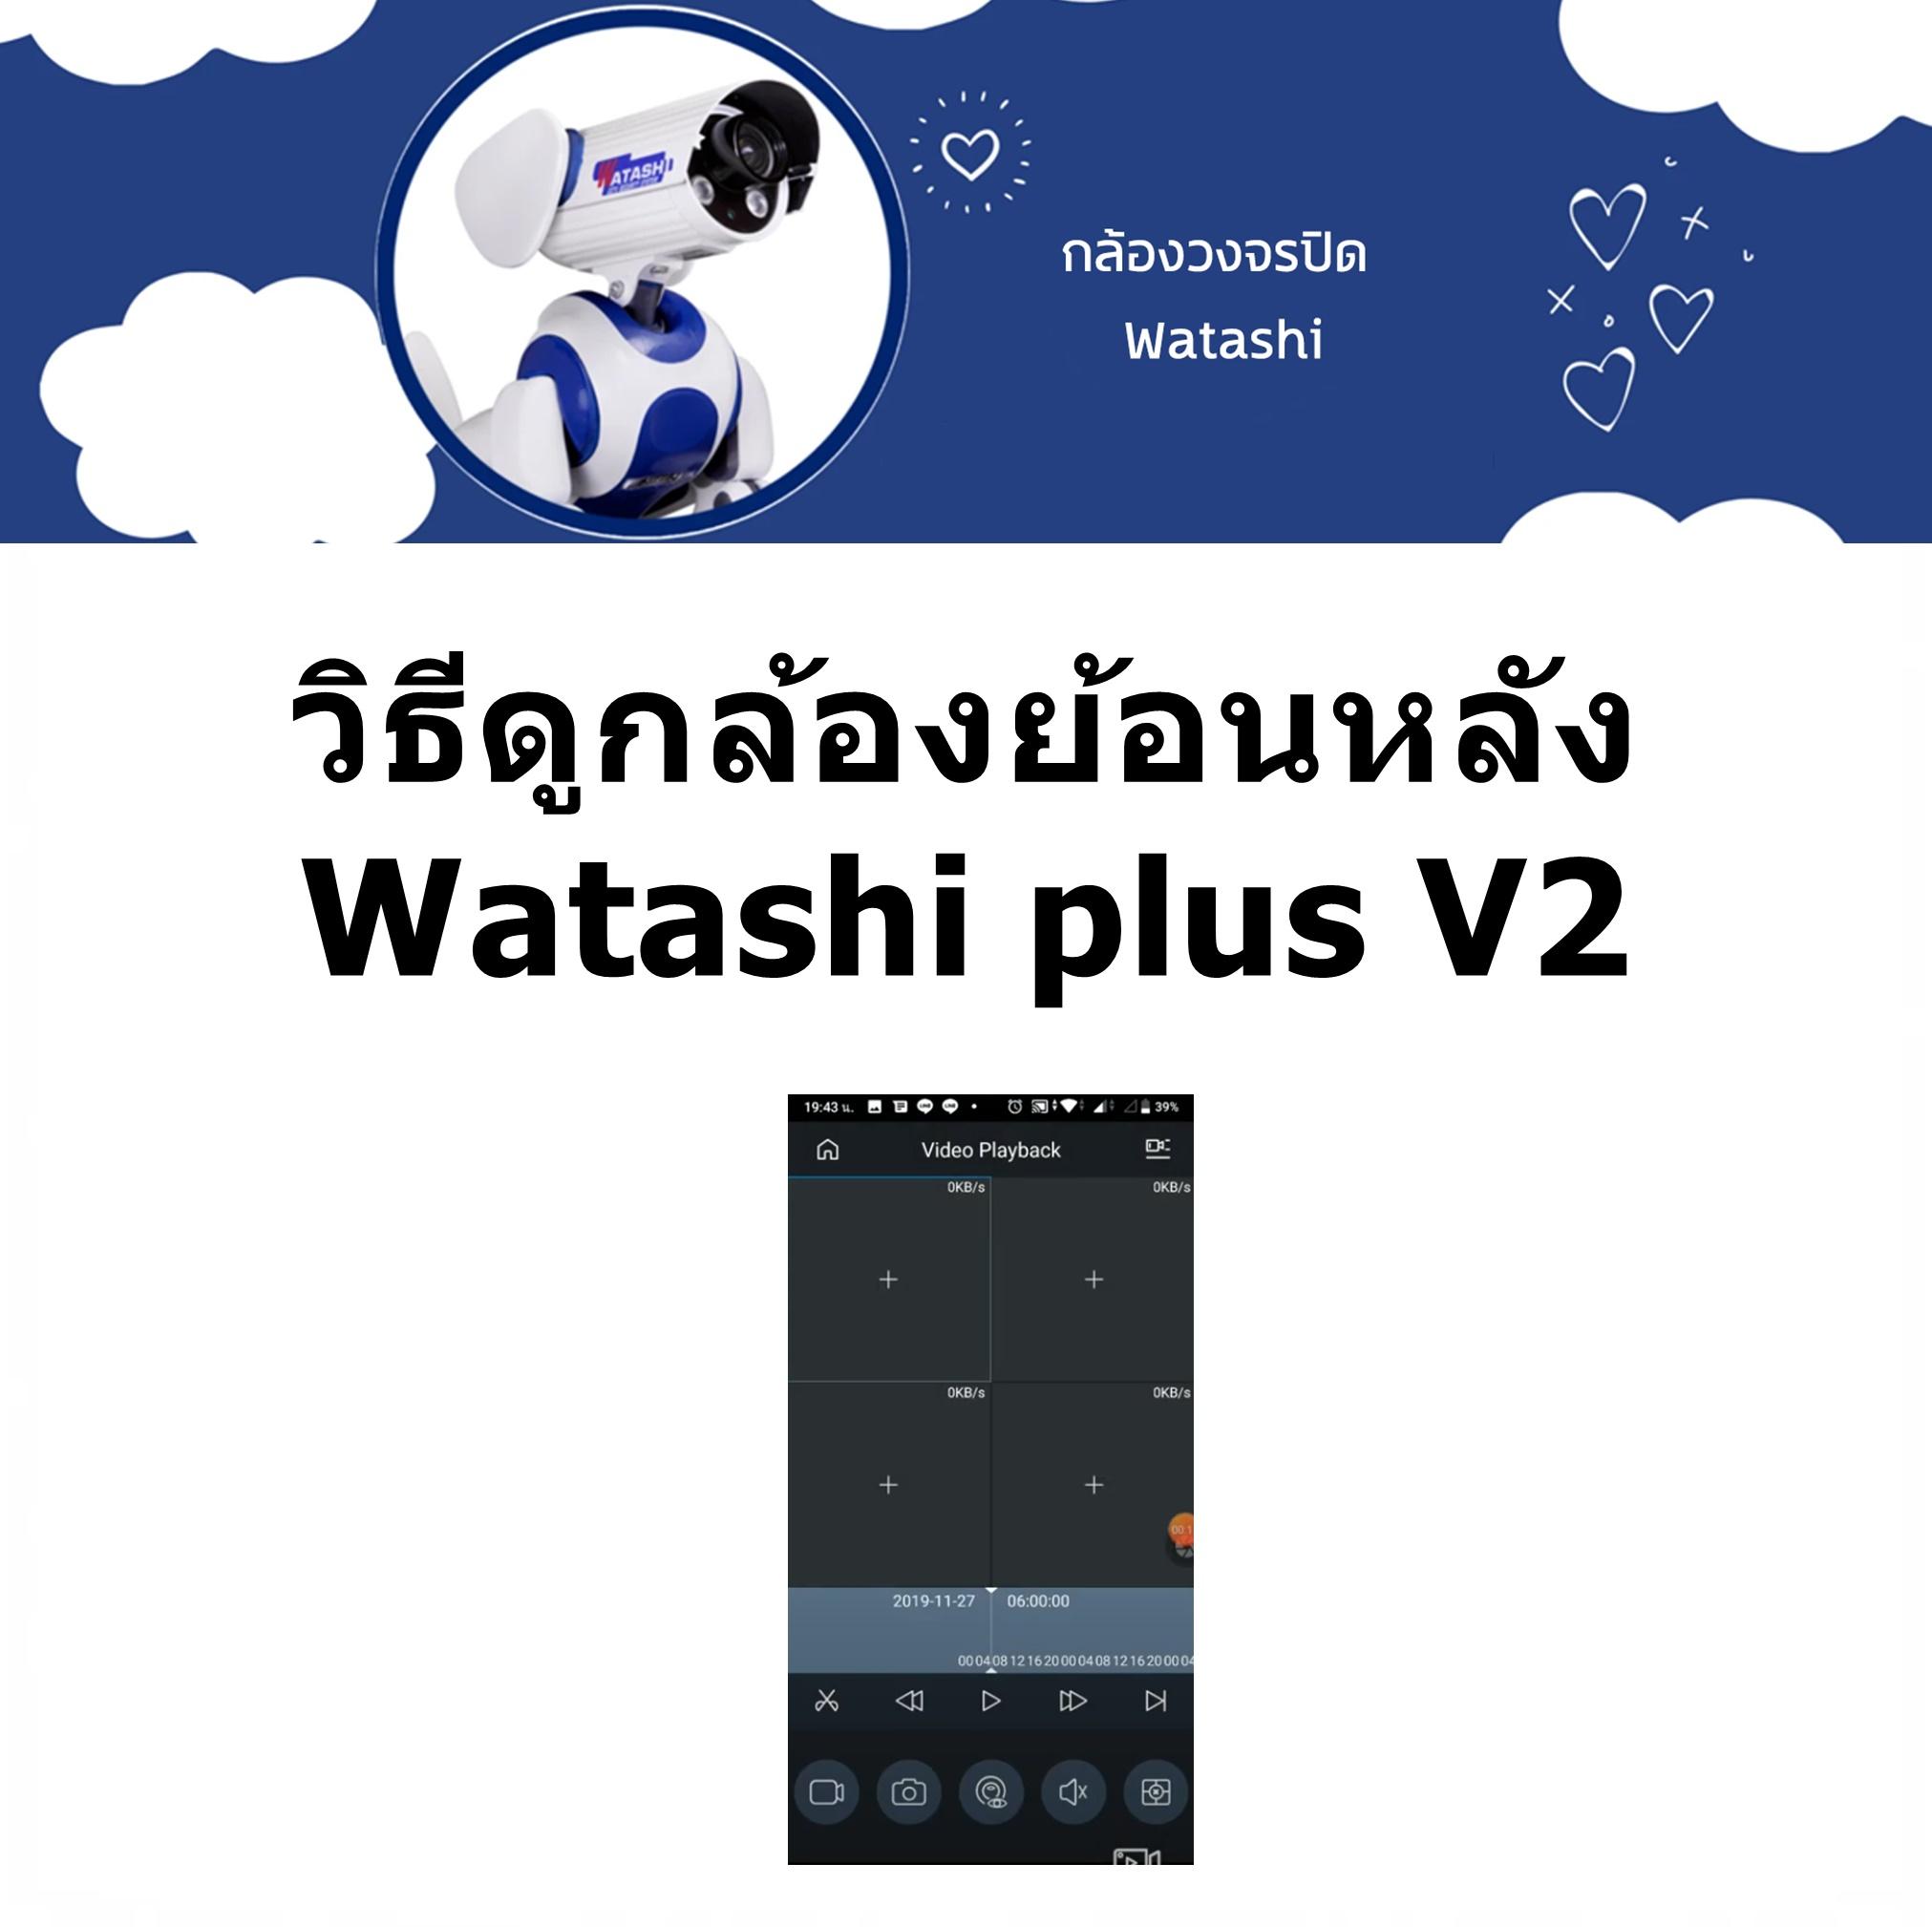 วิธีดูกล้องย้อนหลัง Watashi plus V2